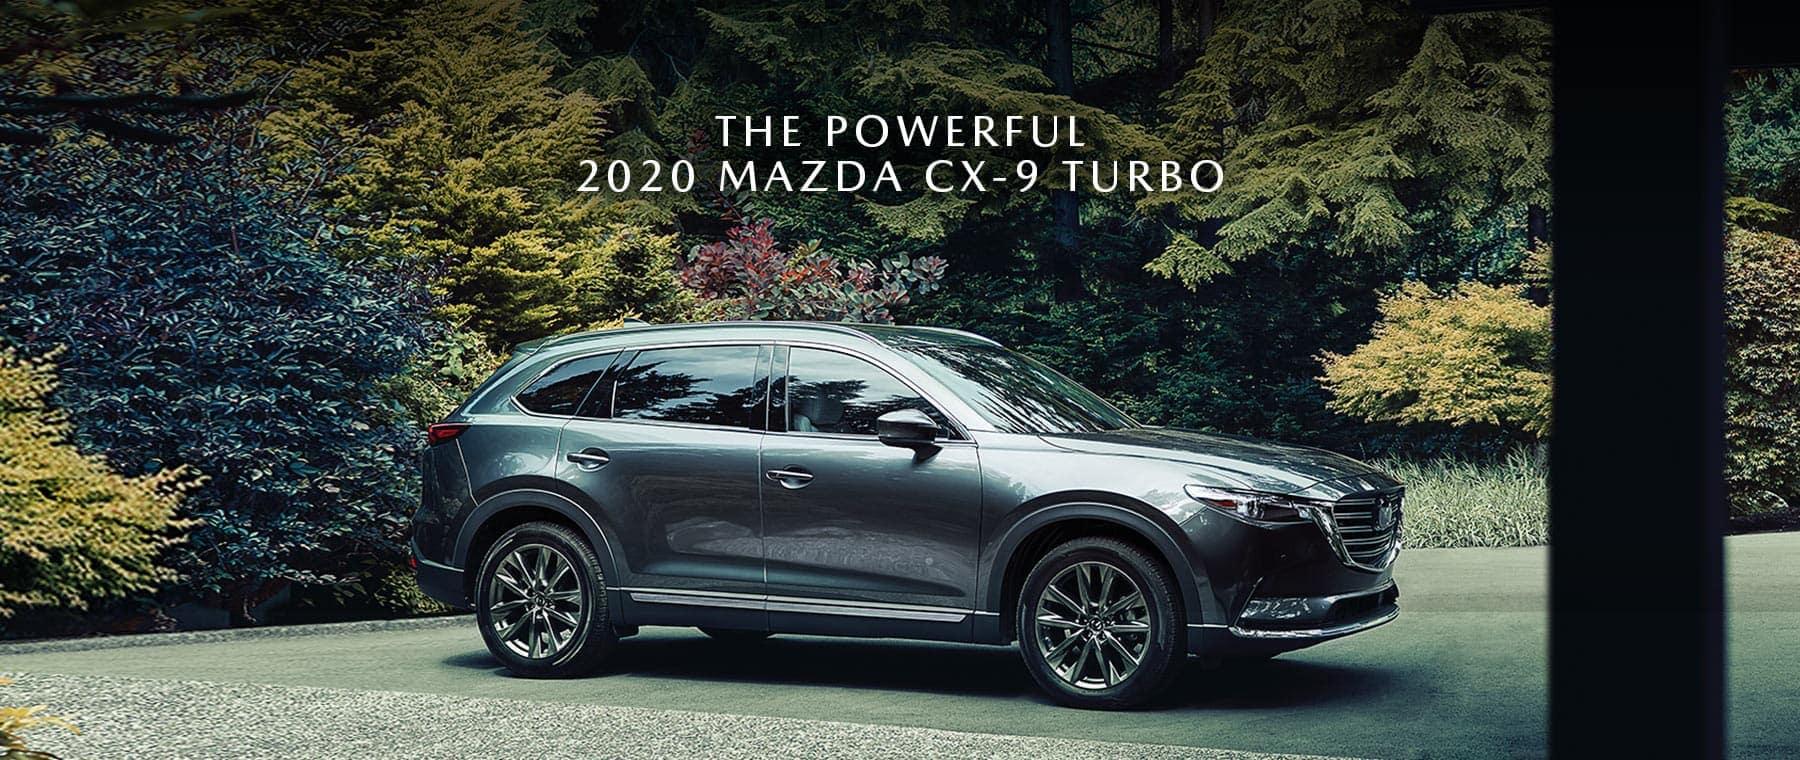 2020 Mazda CX-9 Turbo